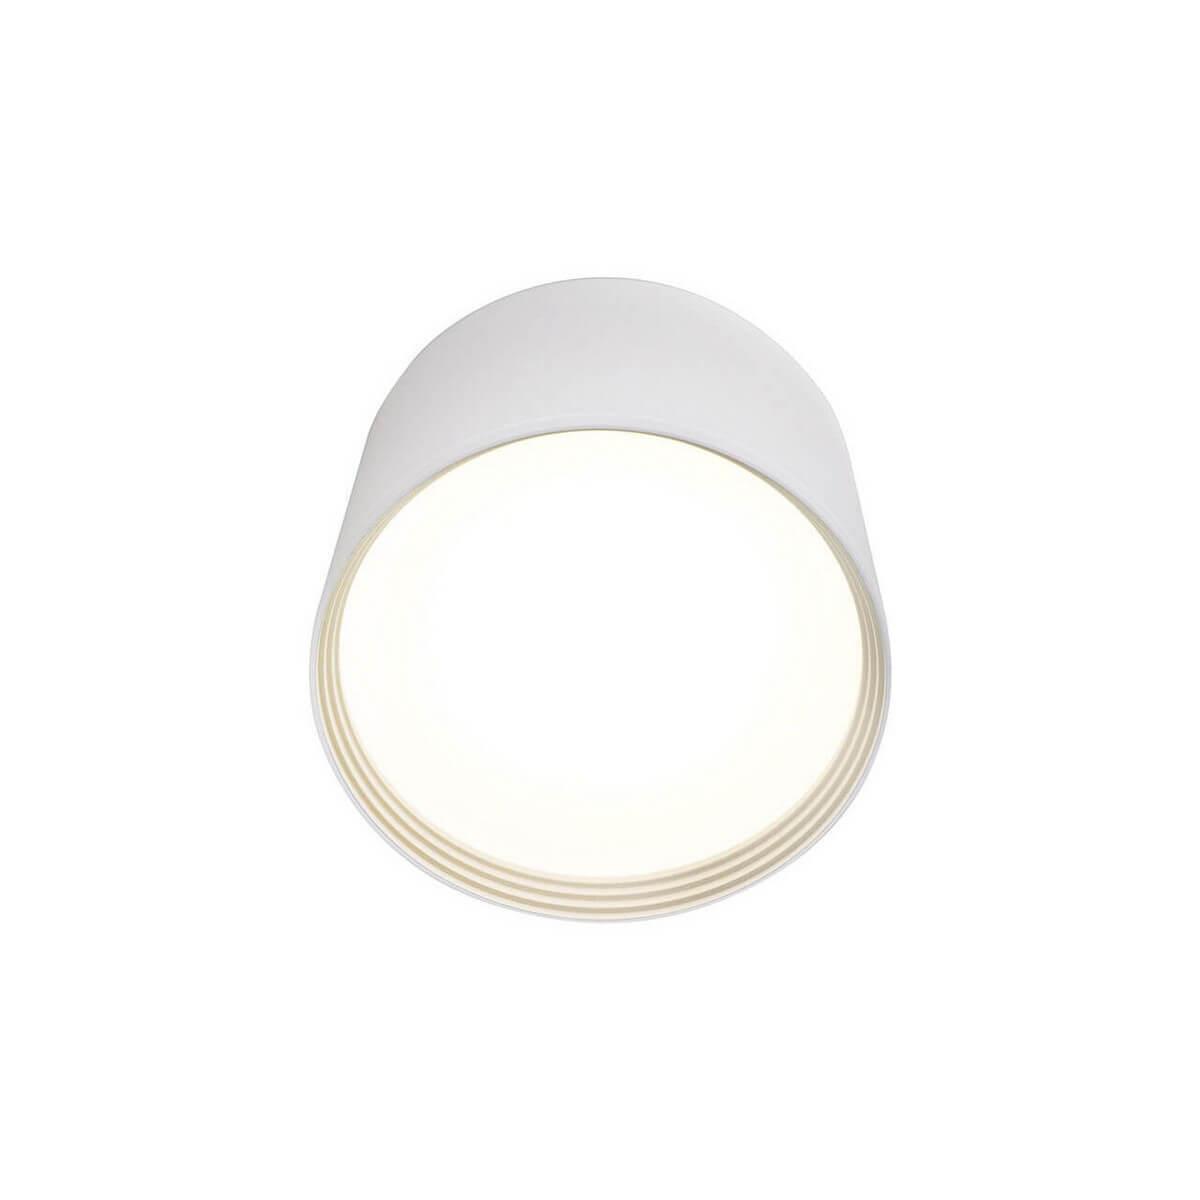 Потолочный светодиодный светильник Kink Light Медина 05410,01 потолочный светодиодный светильник kink light медина 05430 01